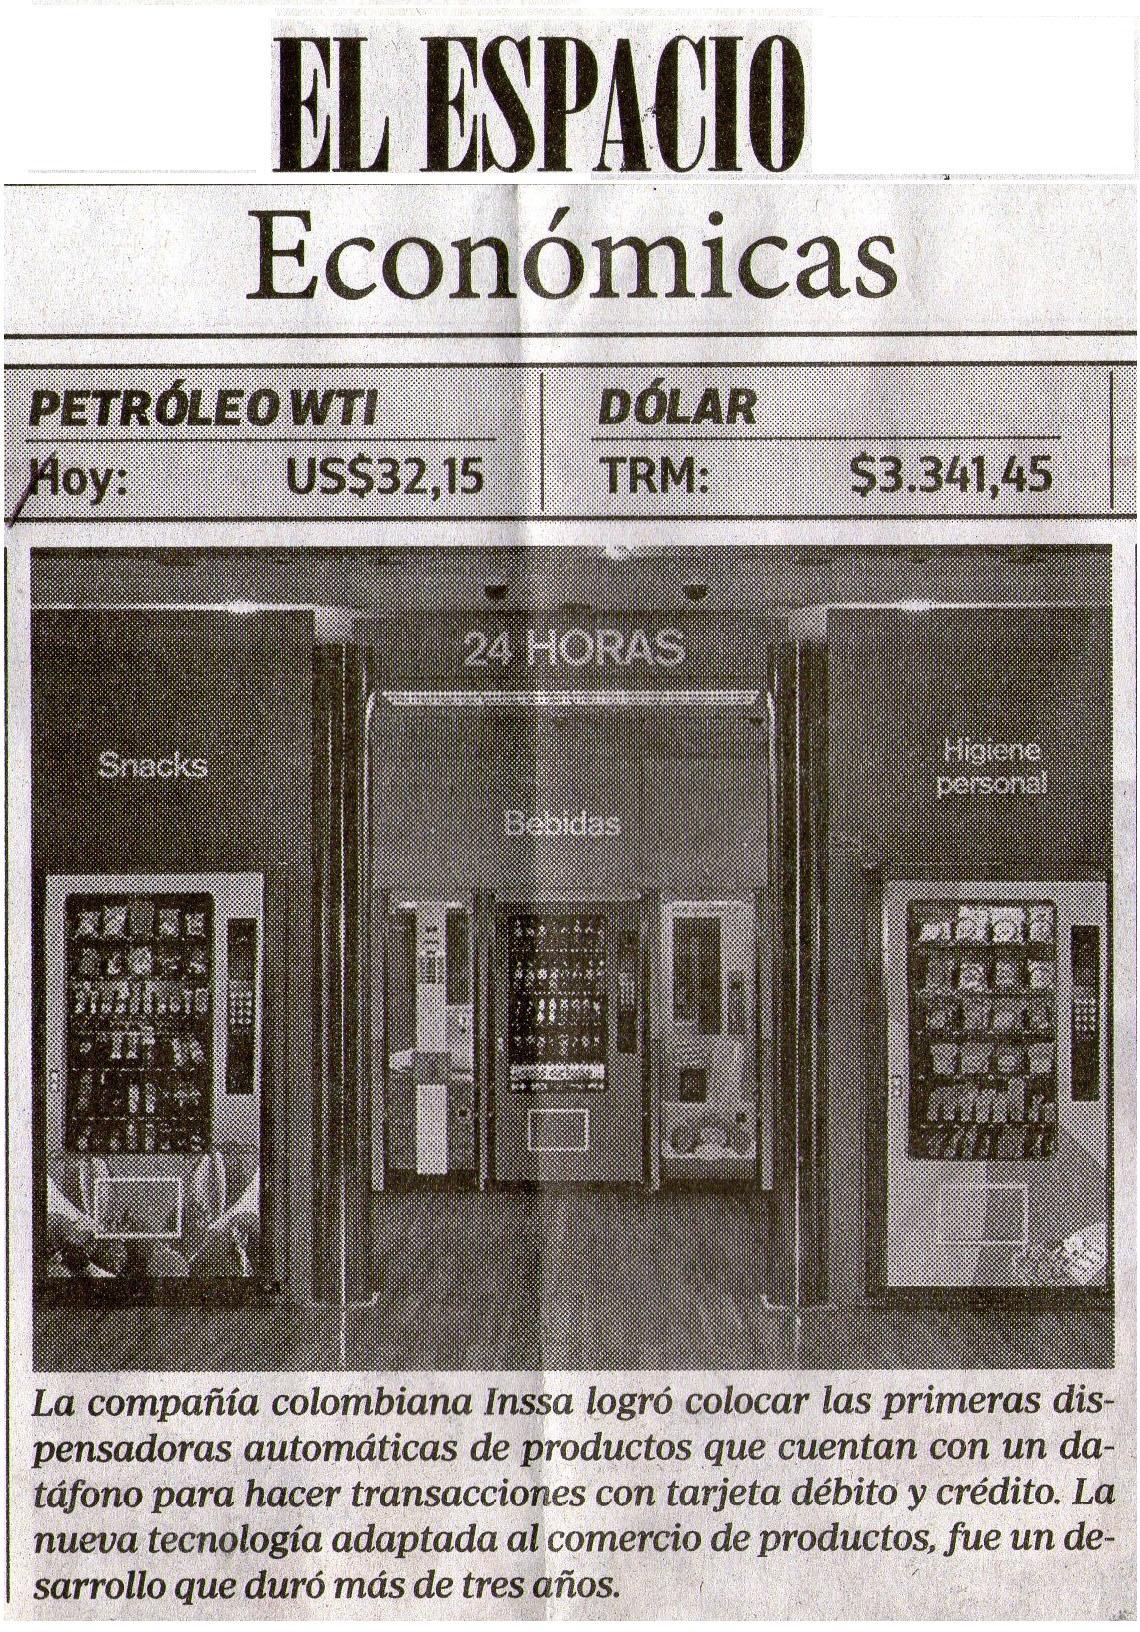 INSSA EL ESPACIO 25 DE FEB. 2016